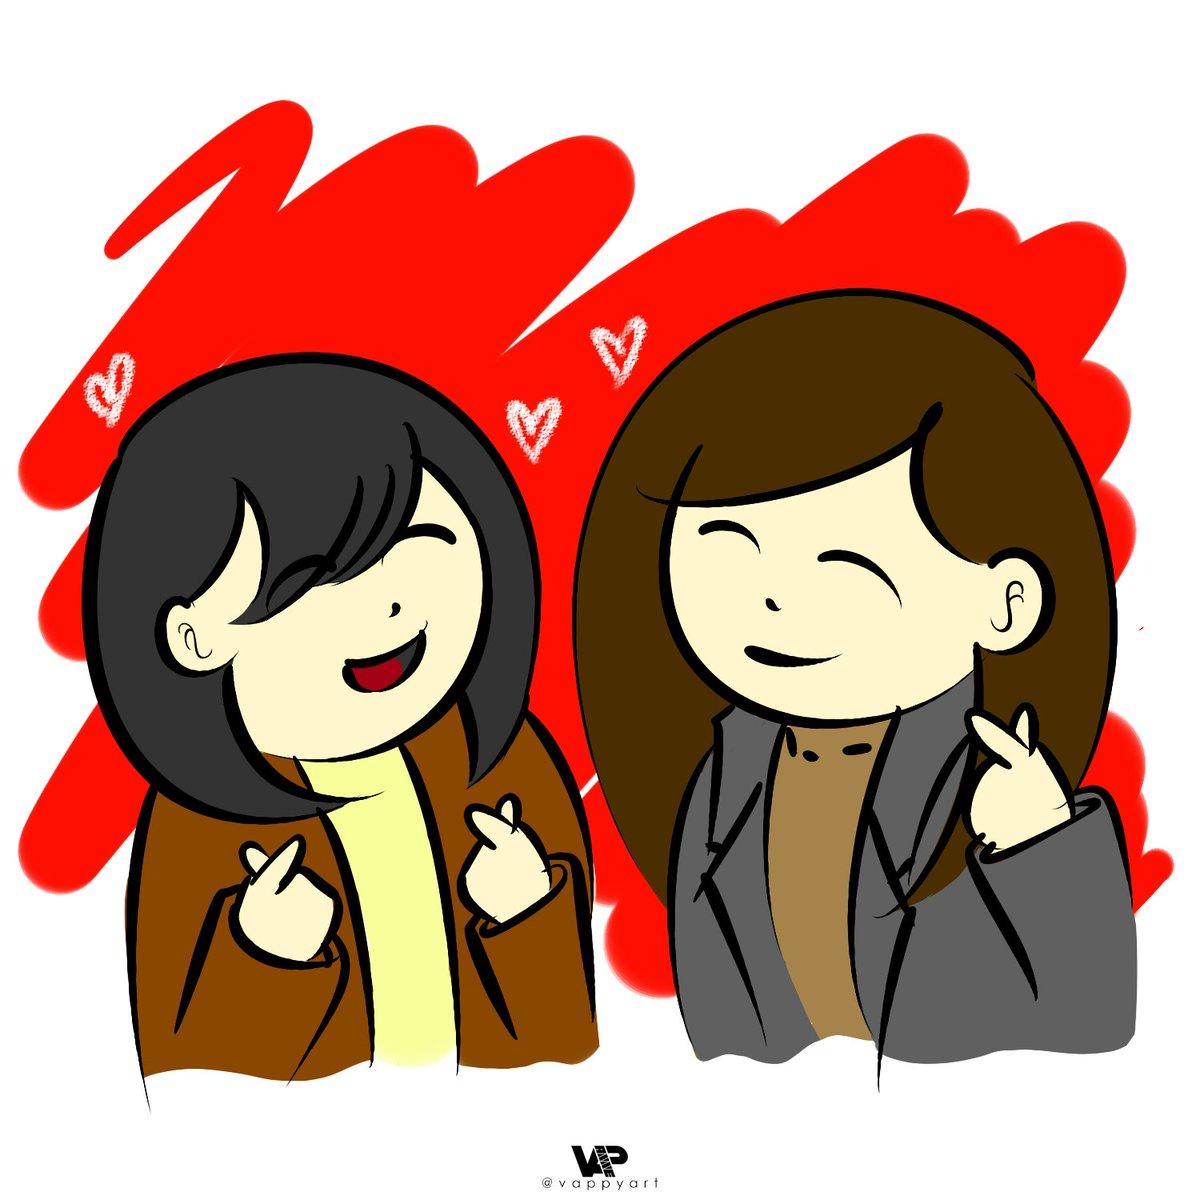 해피 발렌타인 데이!   Happy Valentines Day Buddies! Well vappy is a bit busy as of the moment so I can only make soft arts rn. . .   #여자친구 #GFRIEND #은하 #eunha #소원 #sowon #팬아트 #fanart #버디 #원하 #wonha<br>http://pic.twitter.com/bUjI4Bwyp4